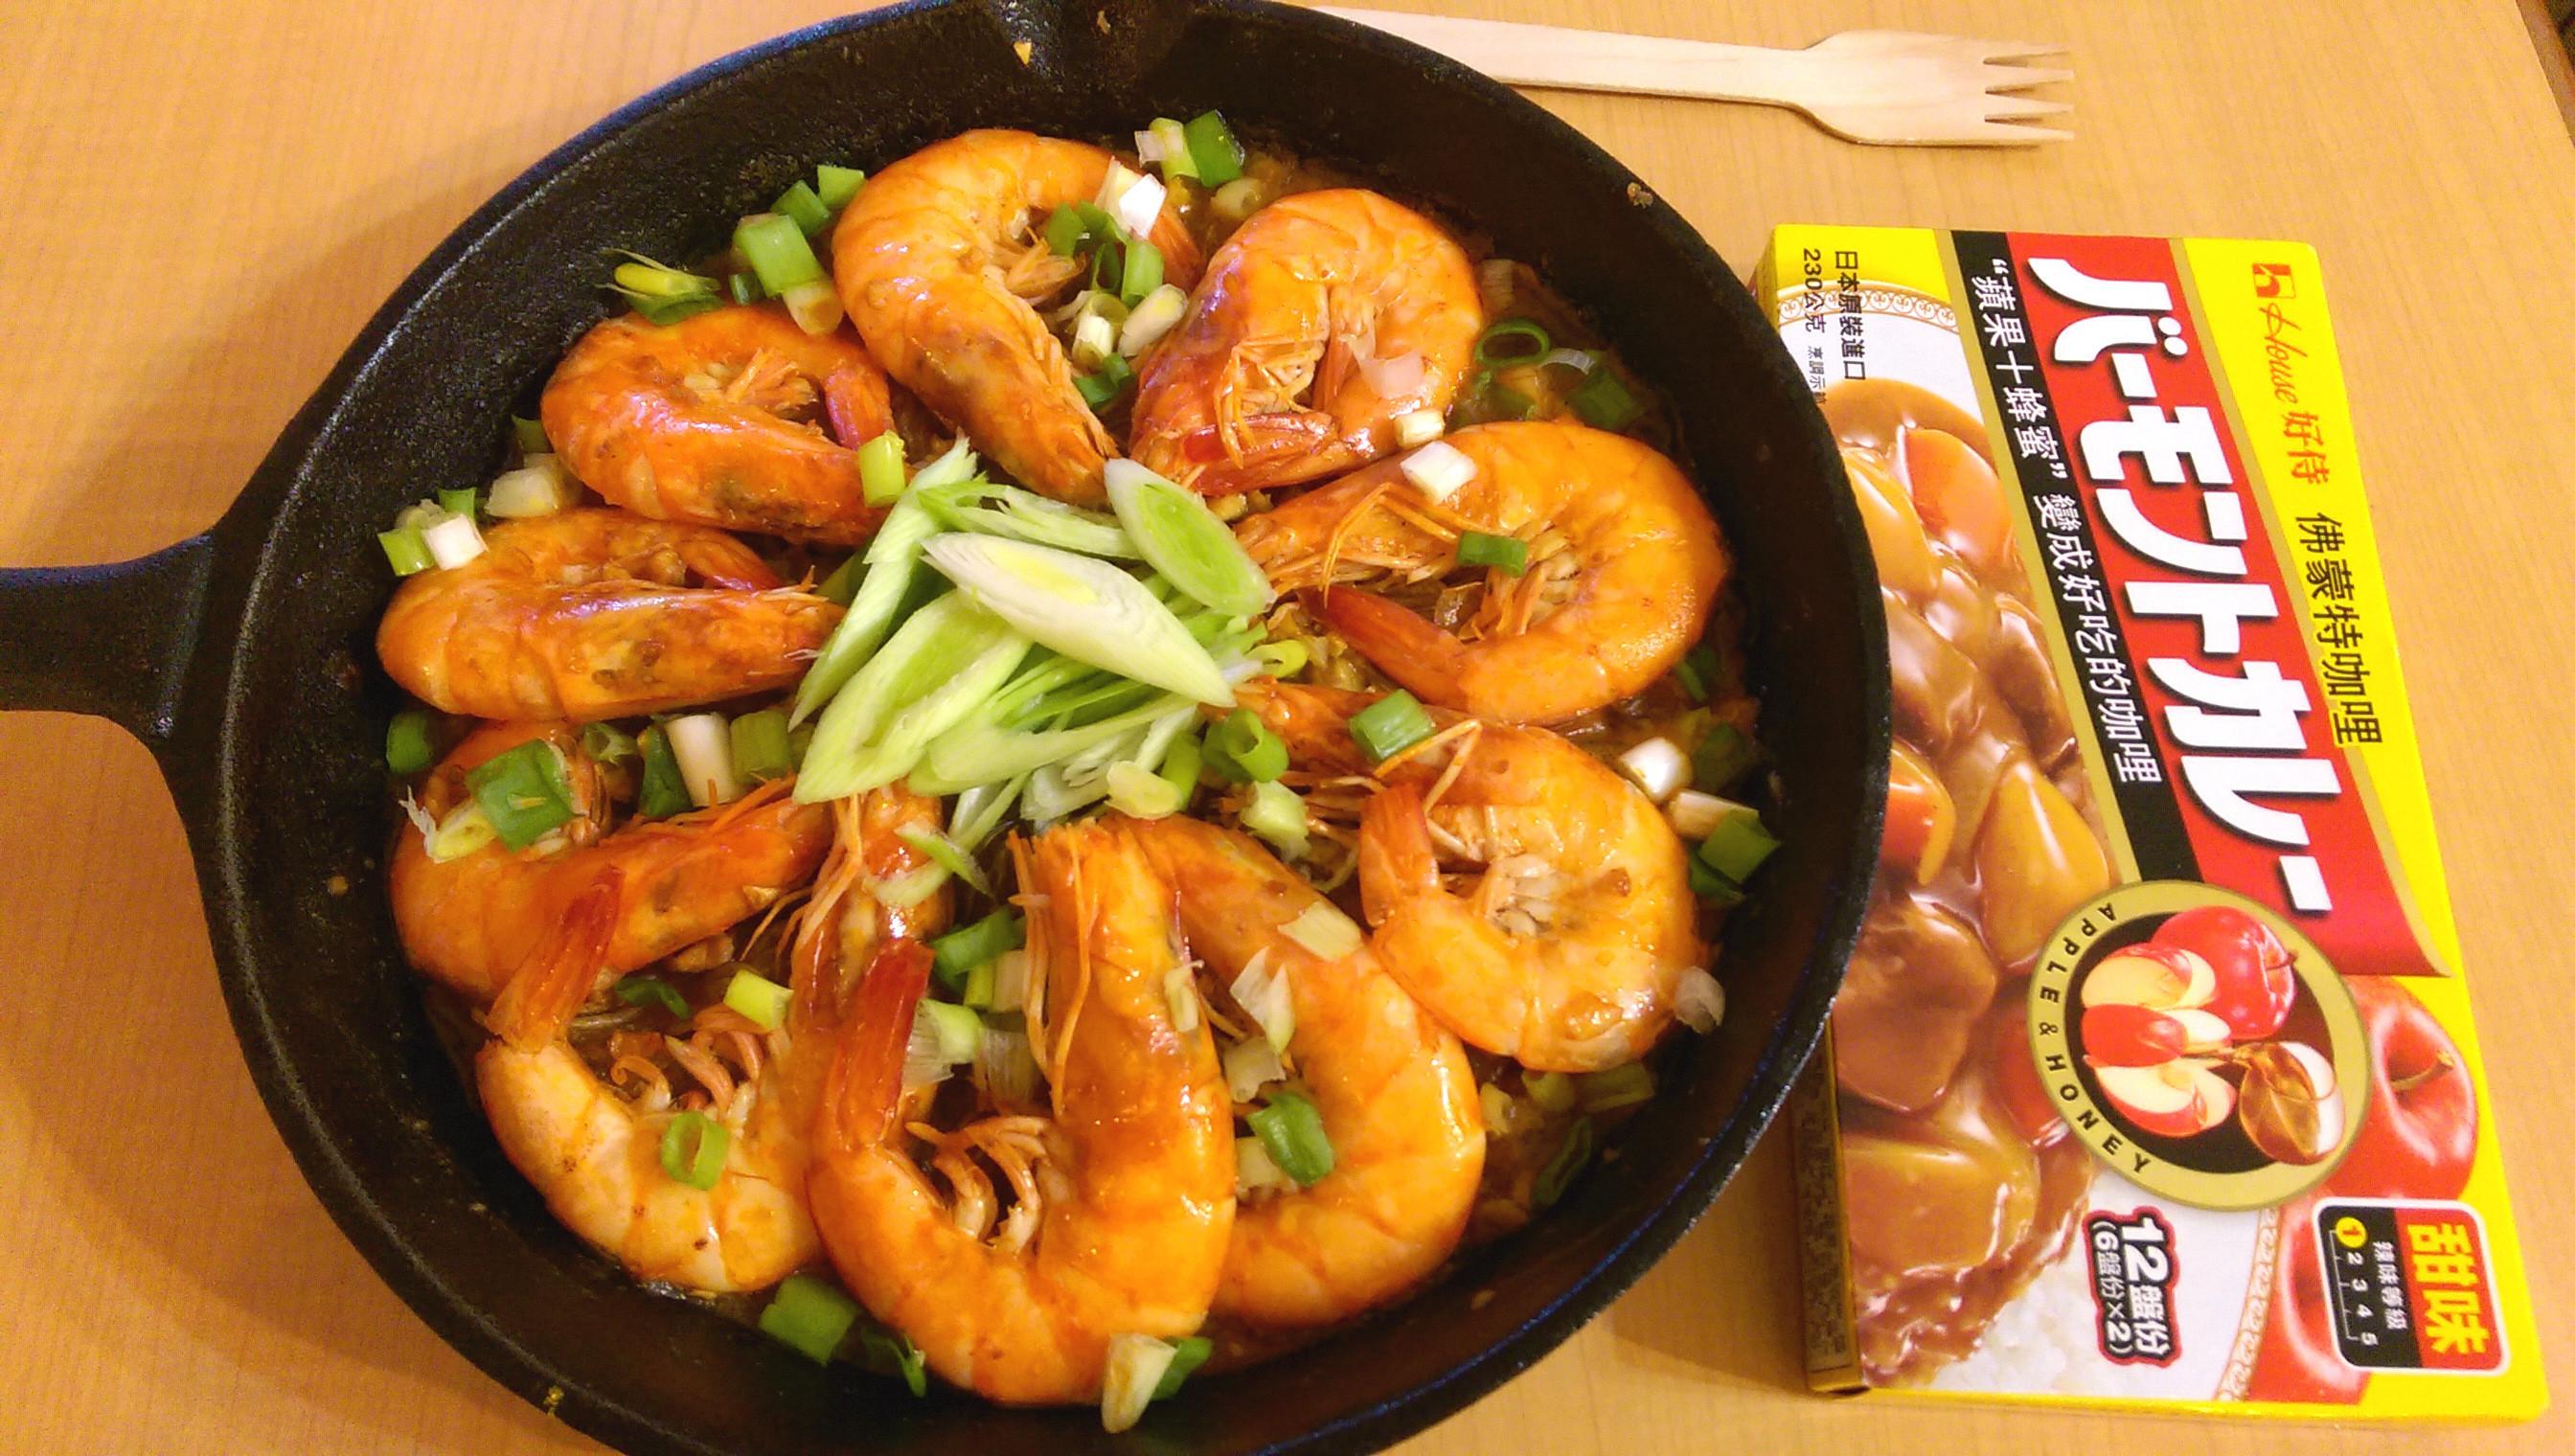 肉末咖哩粉絲蝦煲 佛蒙特咖哩甜味